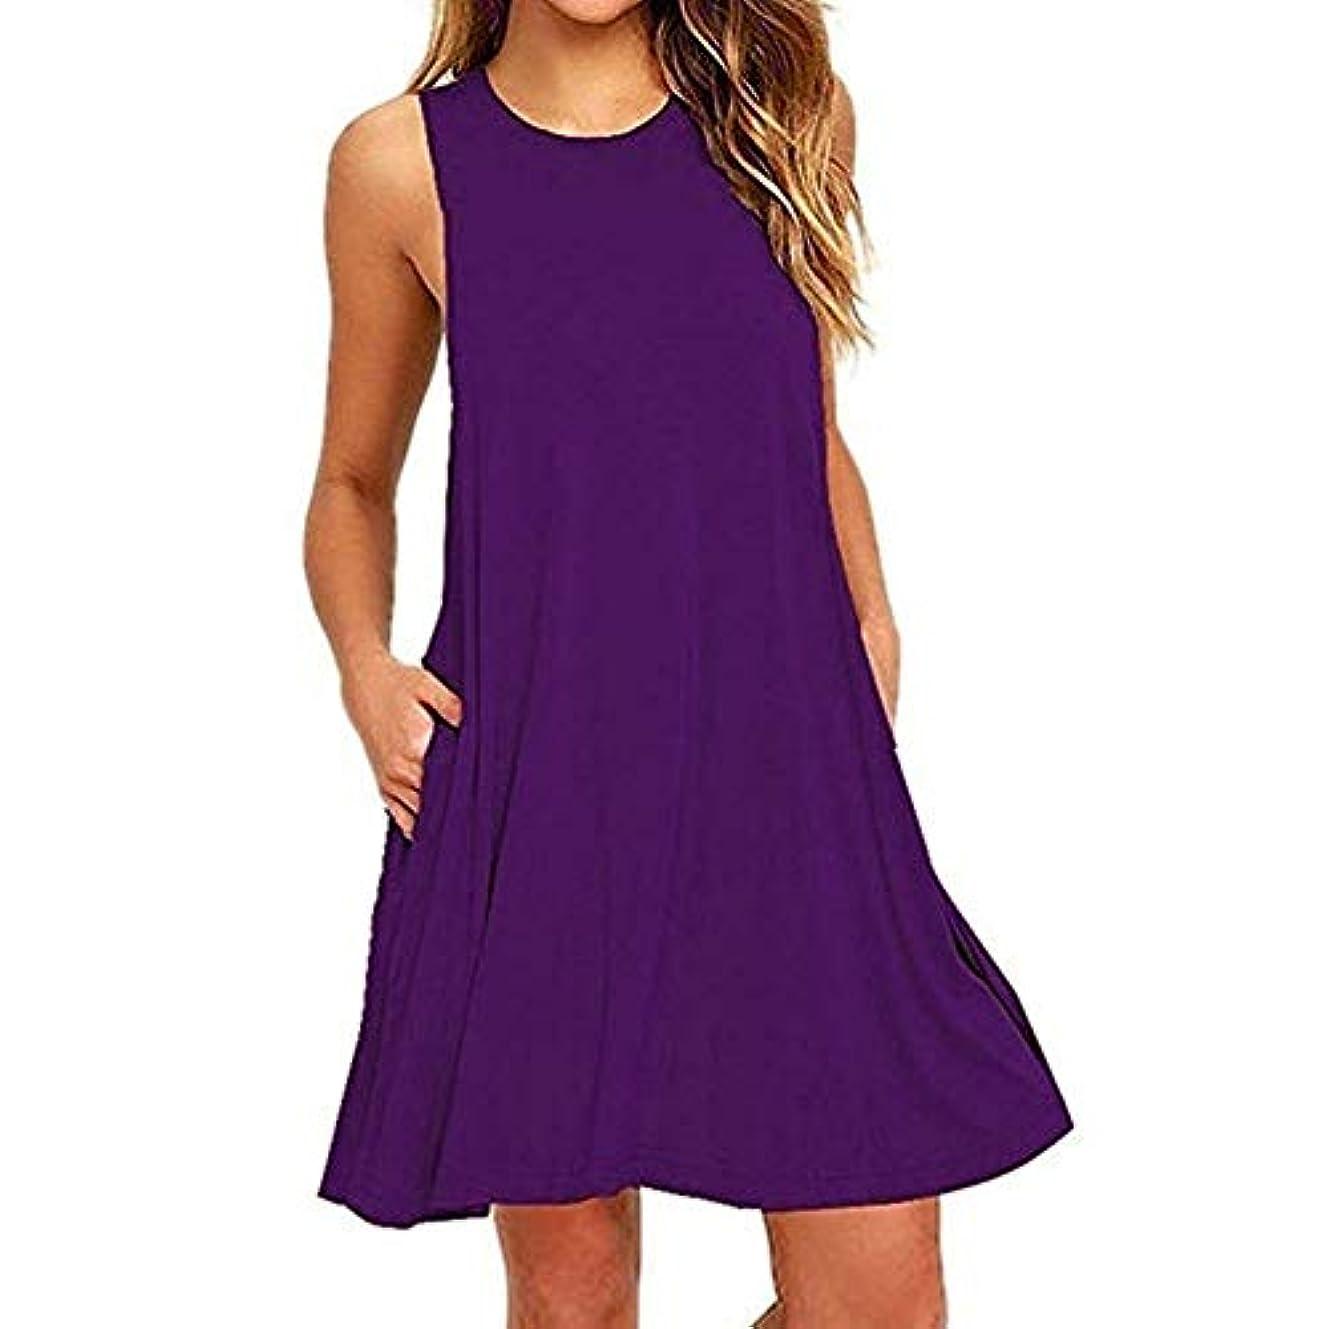 もろい約束する豊かにするMIFAN 人の女性のドレス、プラスサイズのドレス、ノースリーブのドレス、ミニドレス、ホルタードレス、コットンドレス